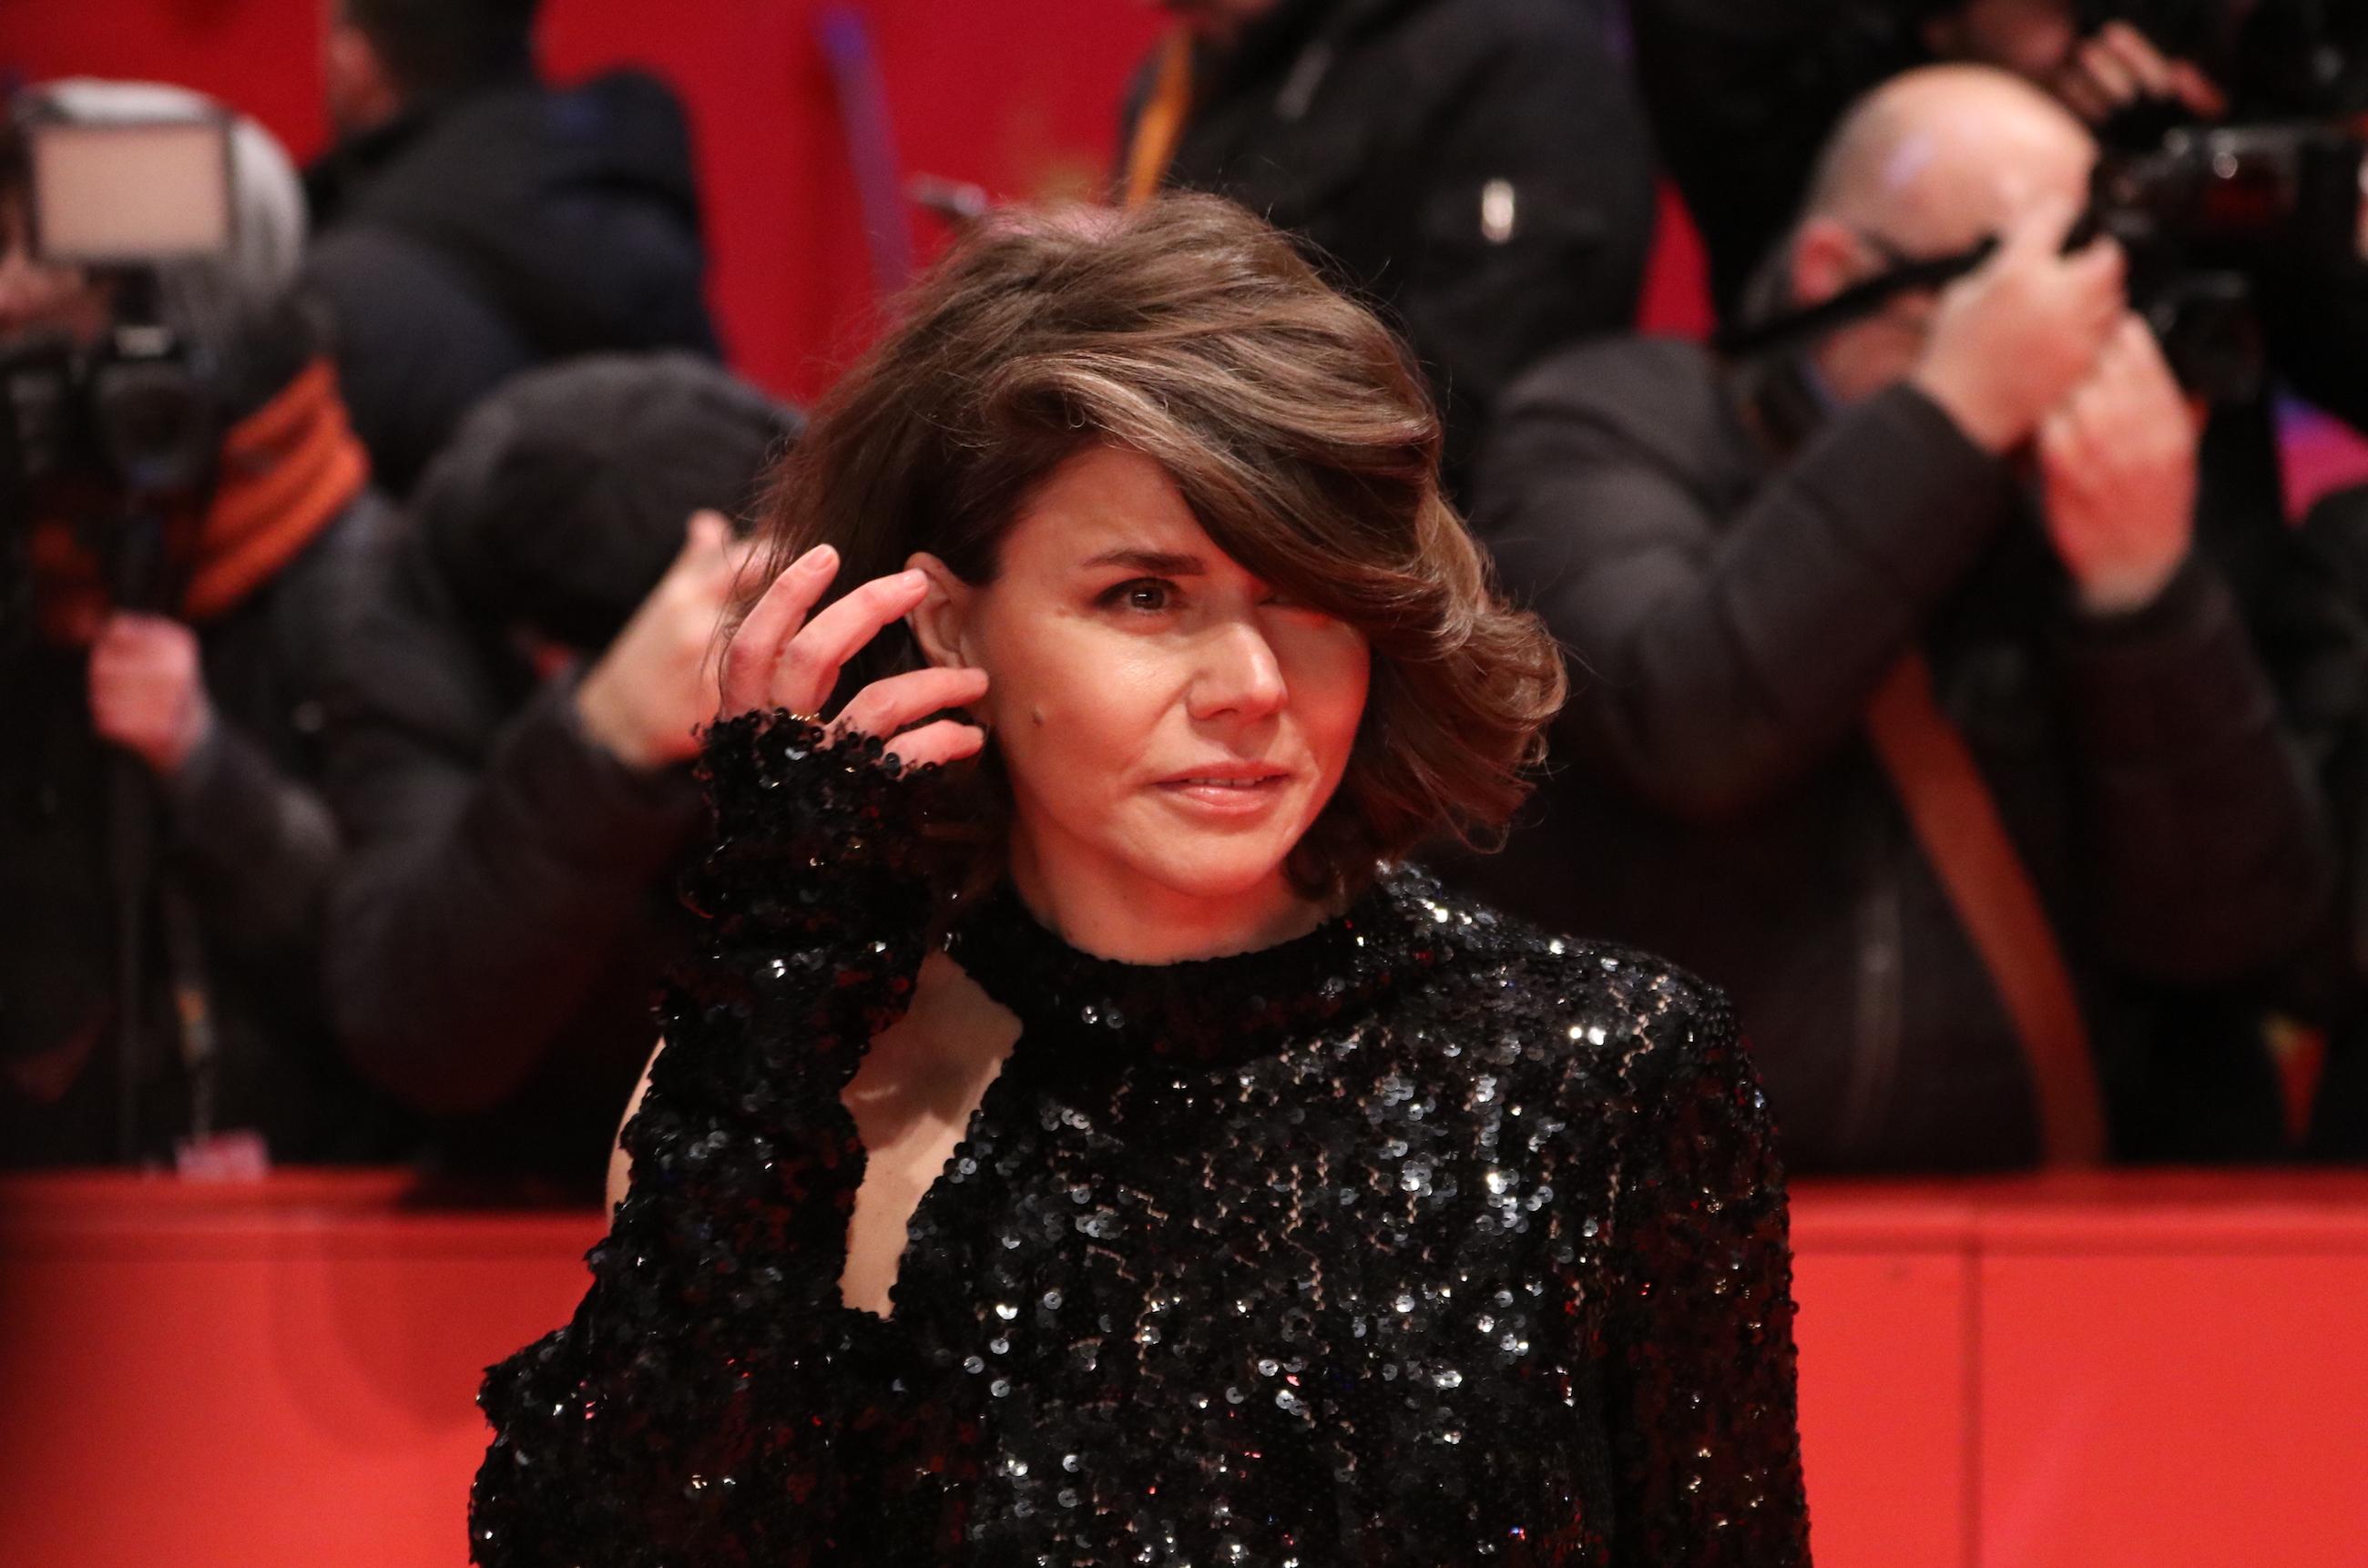 Berlino 2018: Małgorzata Szumowska sul red carpet della cerimonia di premiazione